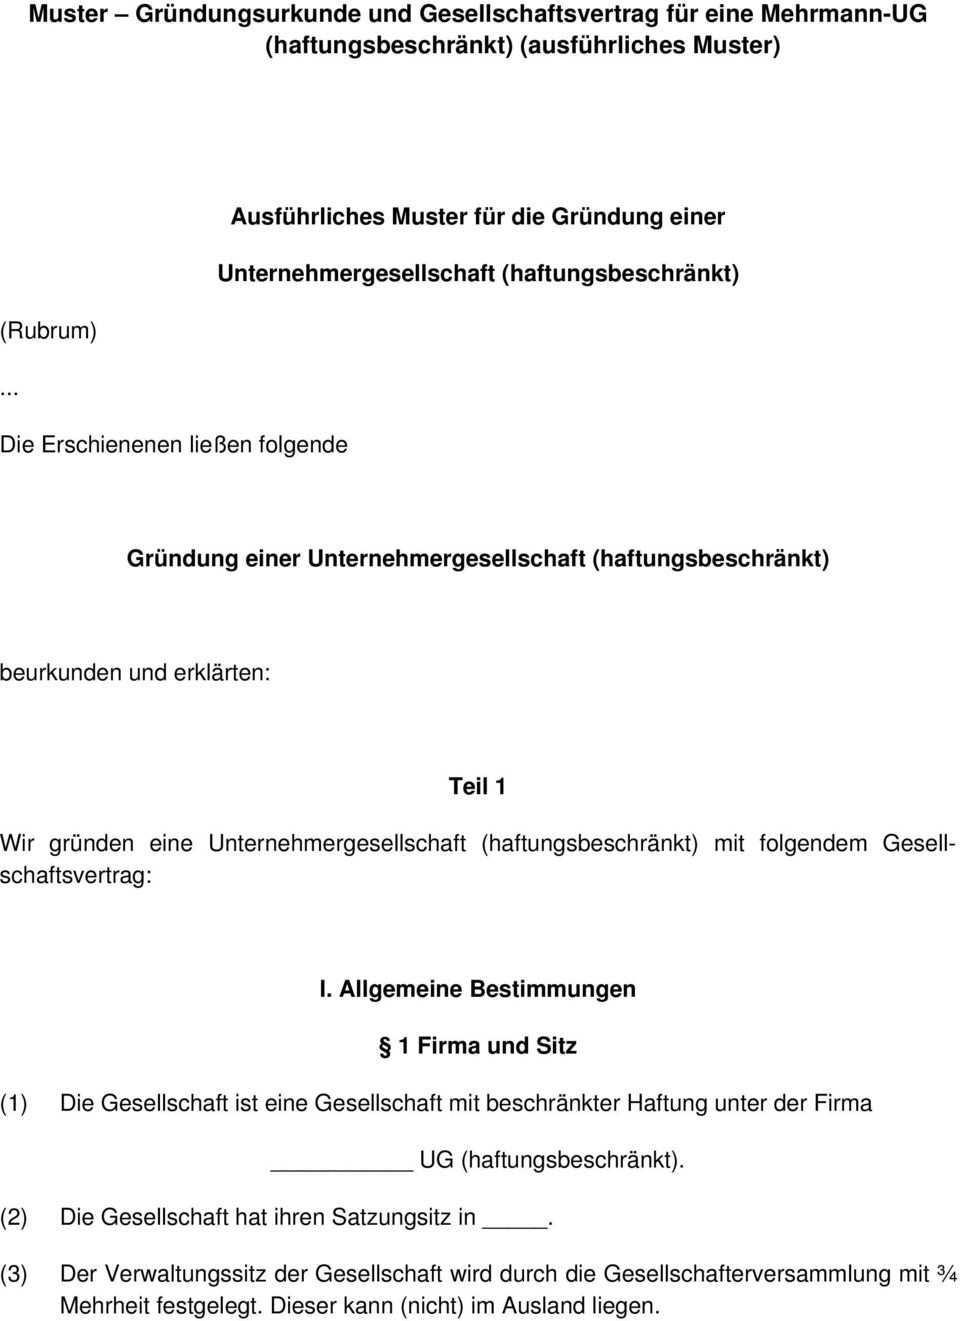 Muster Grundungsurkunde Und Gesellschaftsvertrag Fur Eine Mehrmann Ug Haftungsbeschrankt Ausfuhrliches Muster Pdf Free Download